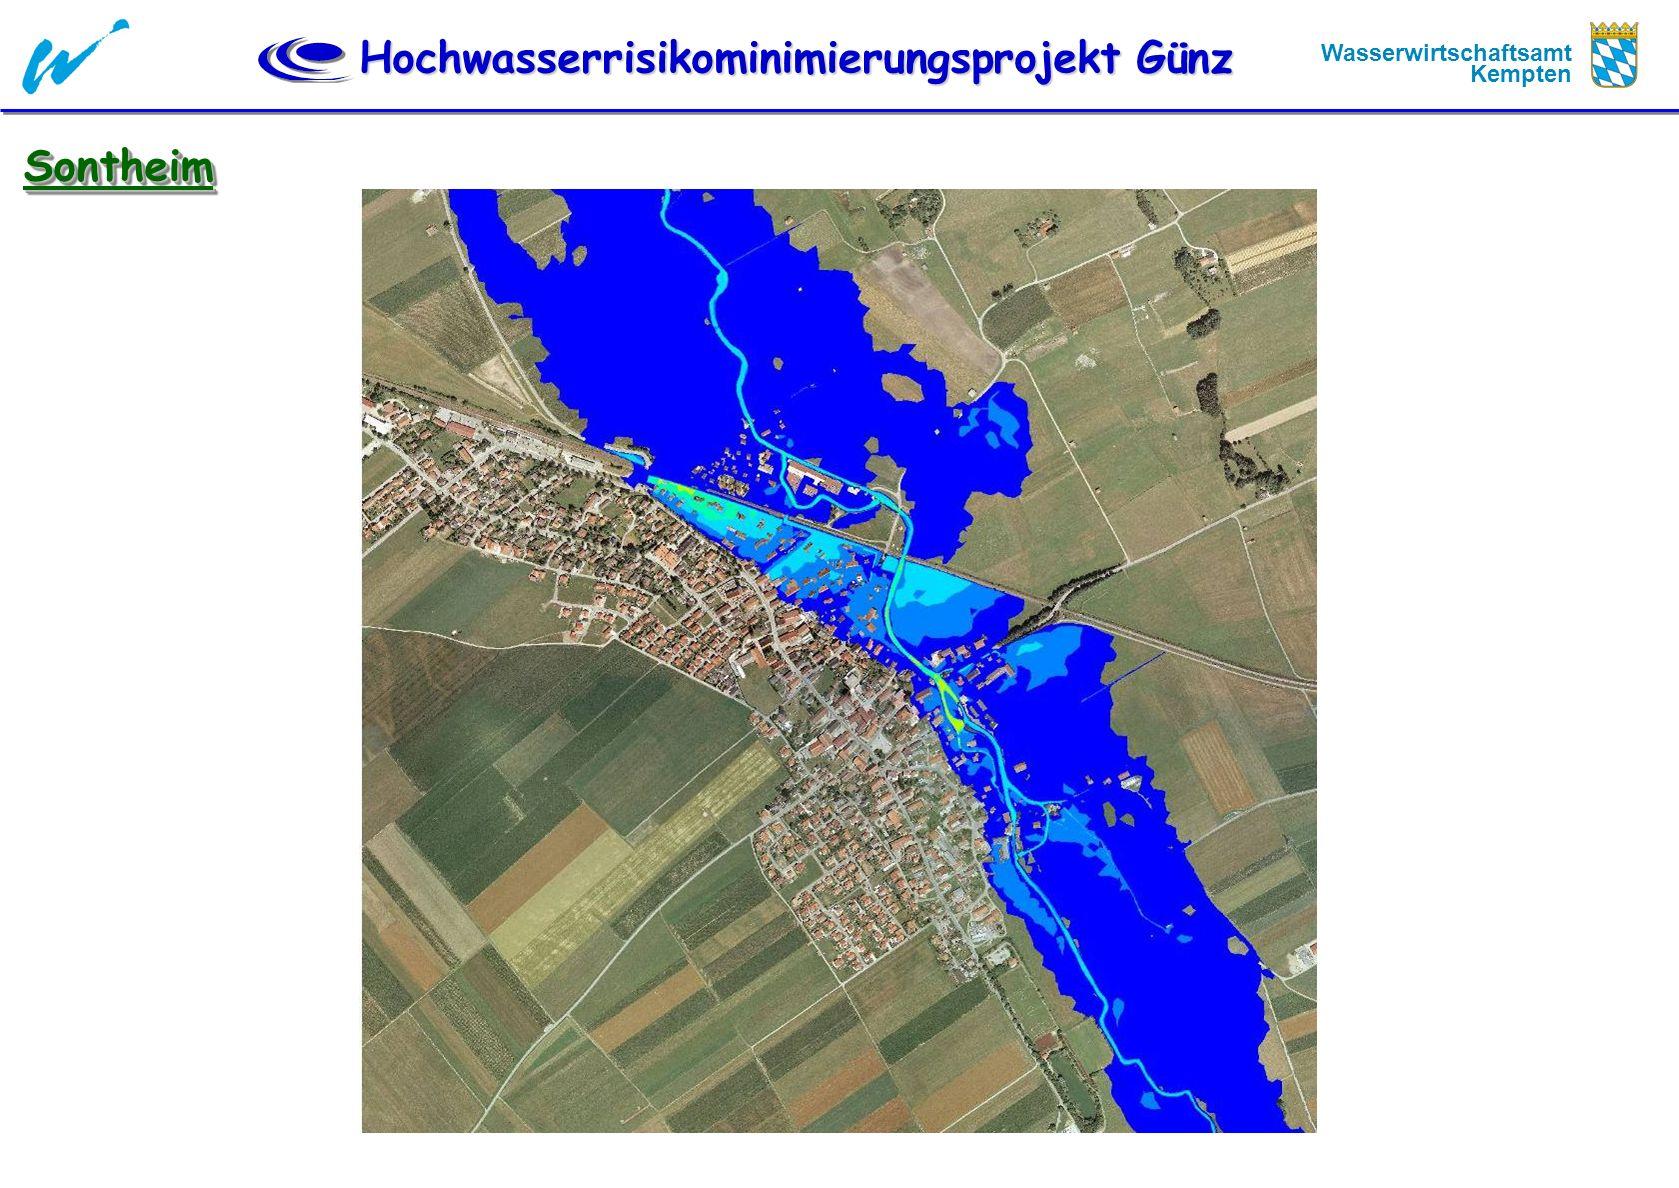 Hochwasserrisikominimierungsprojekt Günz Wasserwirtschaftsamt Kempten Technische Planung Strategische Überlegungen Lauben a.d.